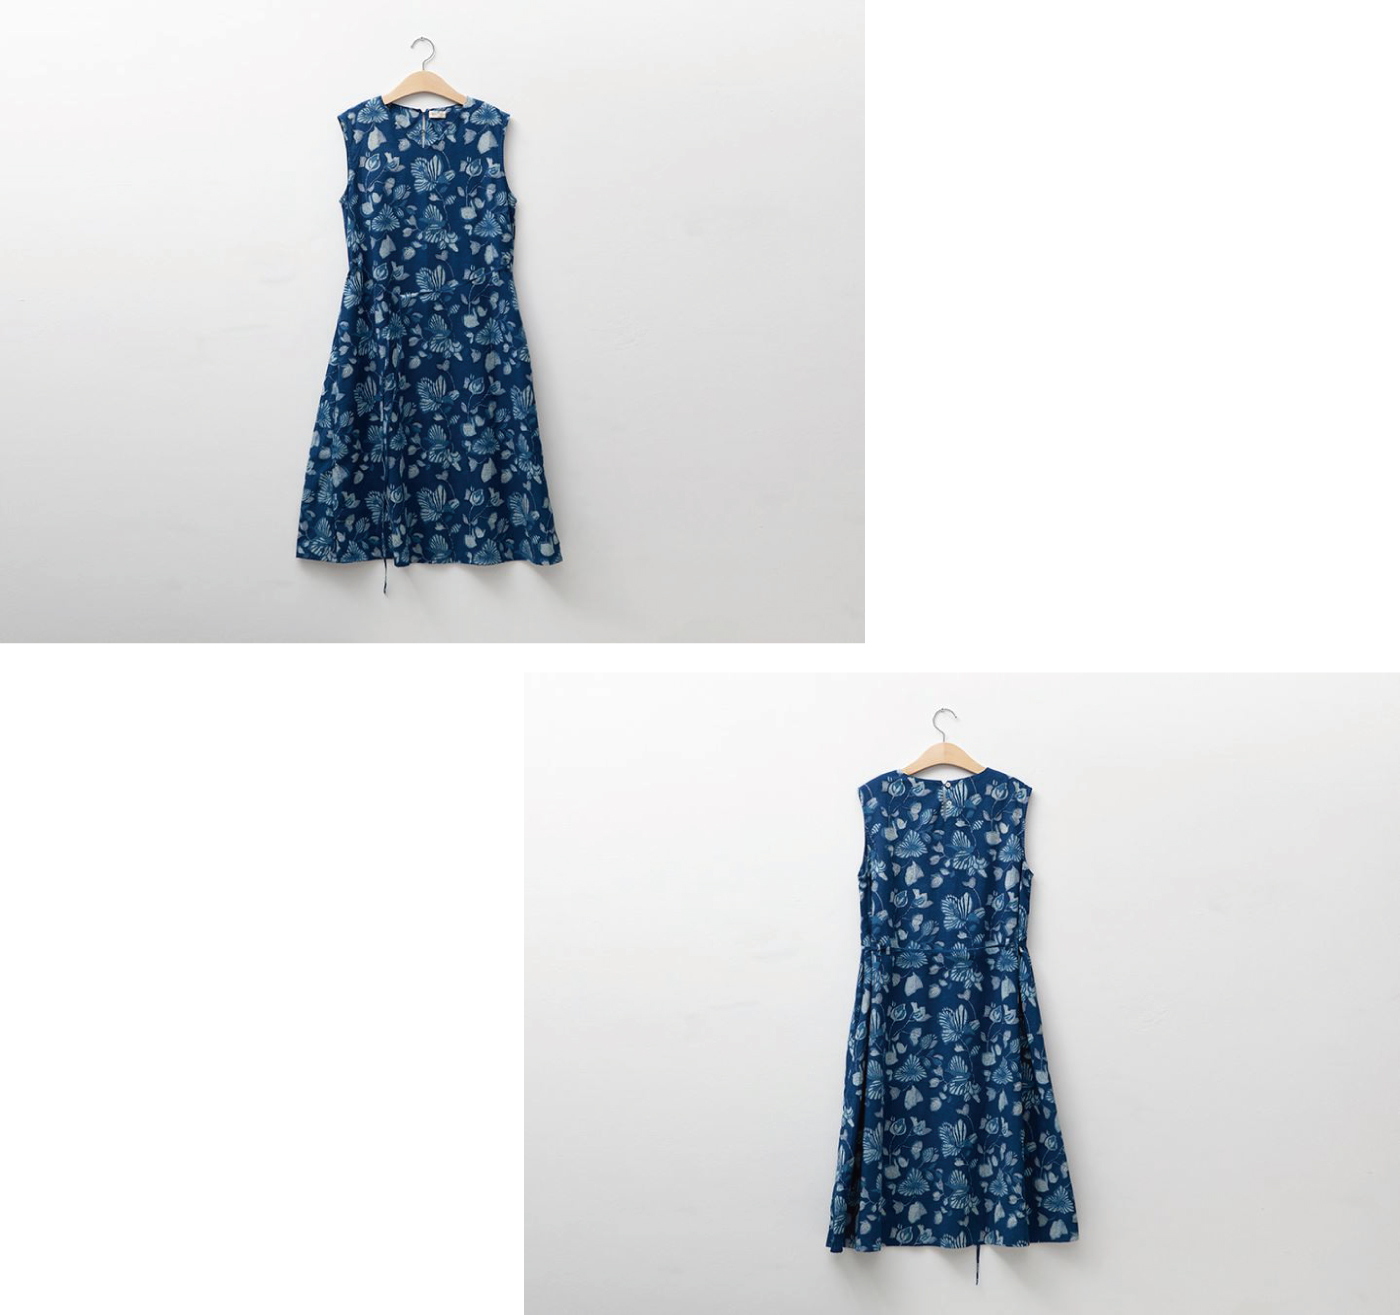 인디고 꽃 민소매 드레스/그루 인디고 꽃 민소매 드레스 상세이미지6